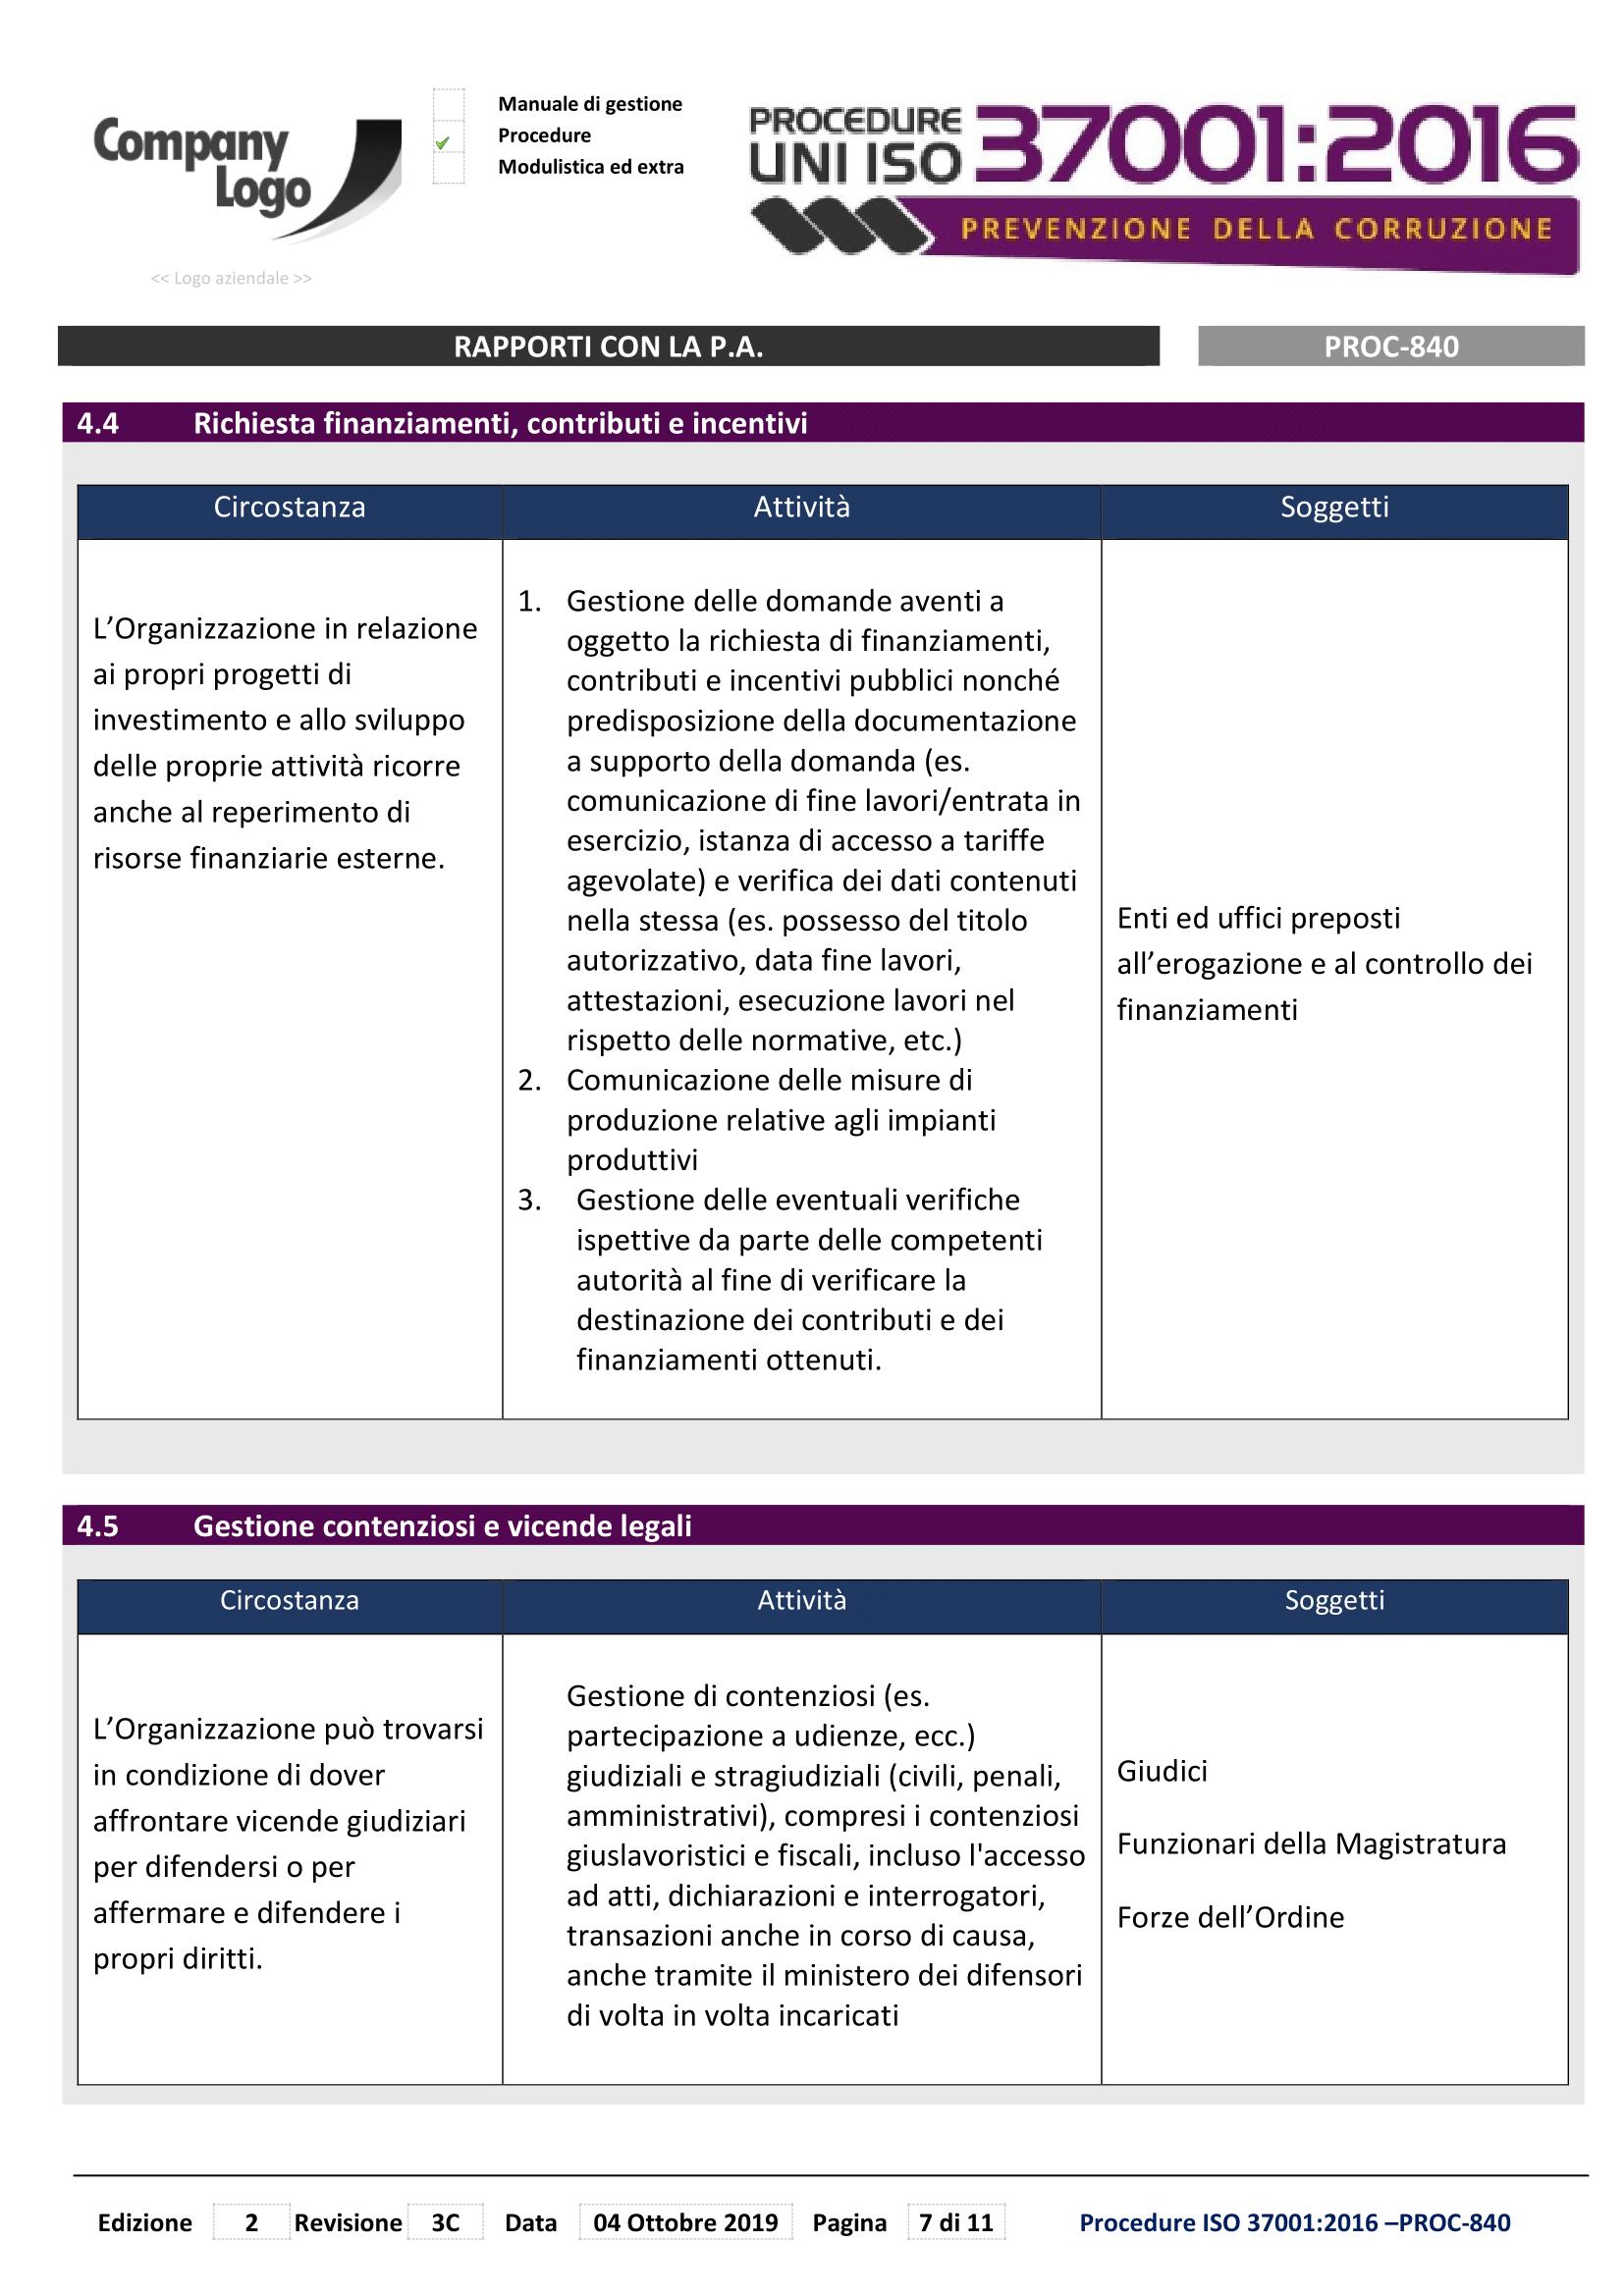 9.Finanziamenti-contenziosi-37001